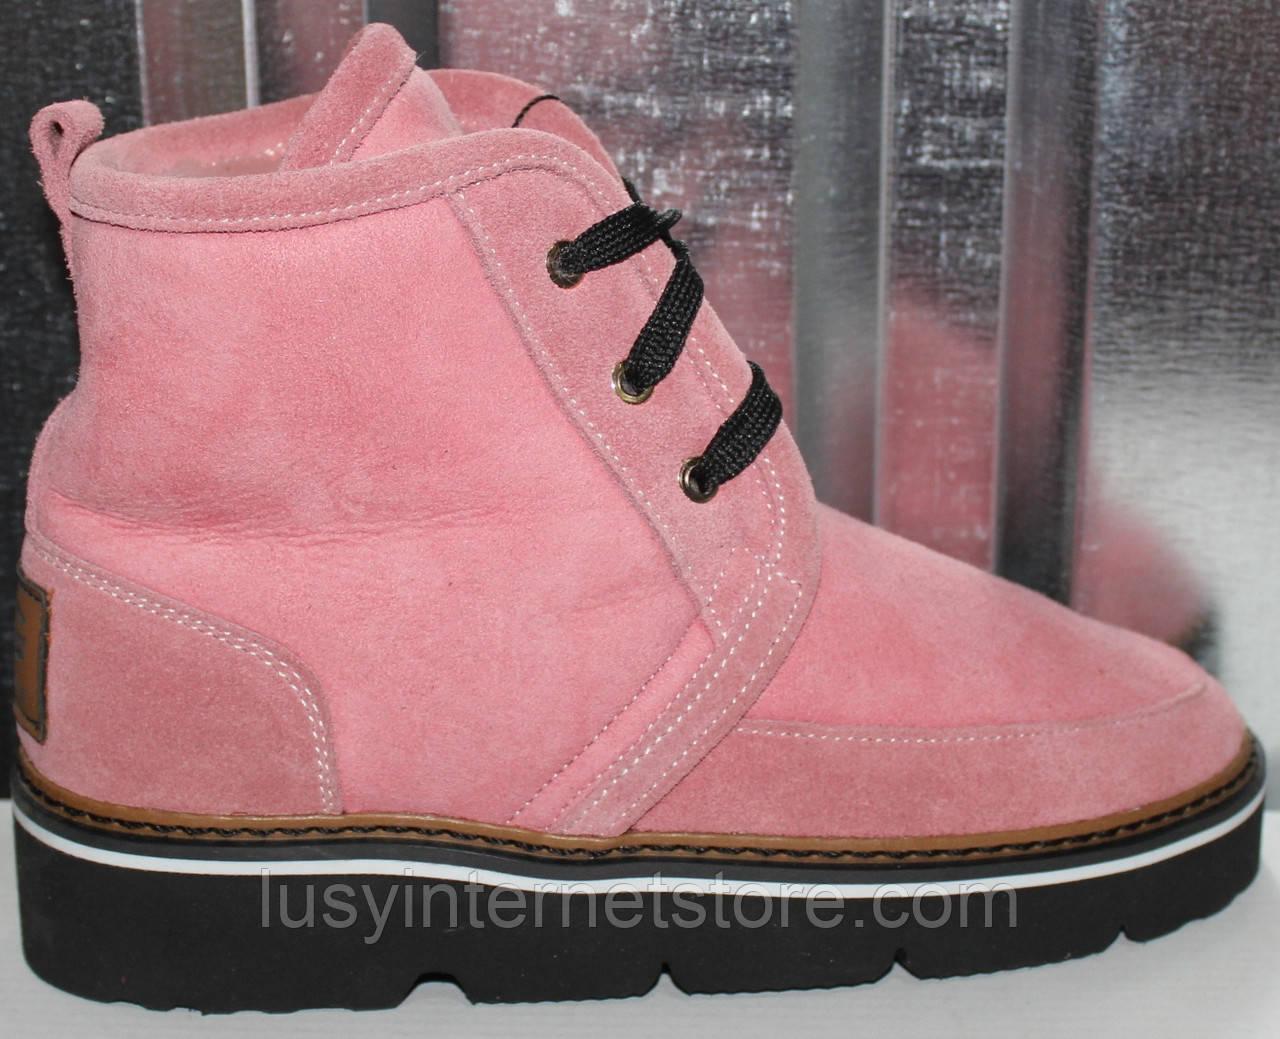 Ботинки розовые зимние от производителя модель РИ103-1